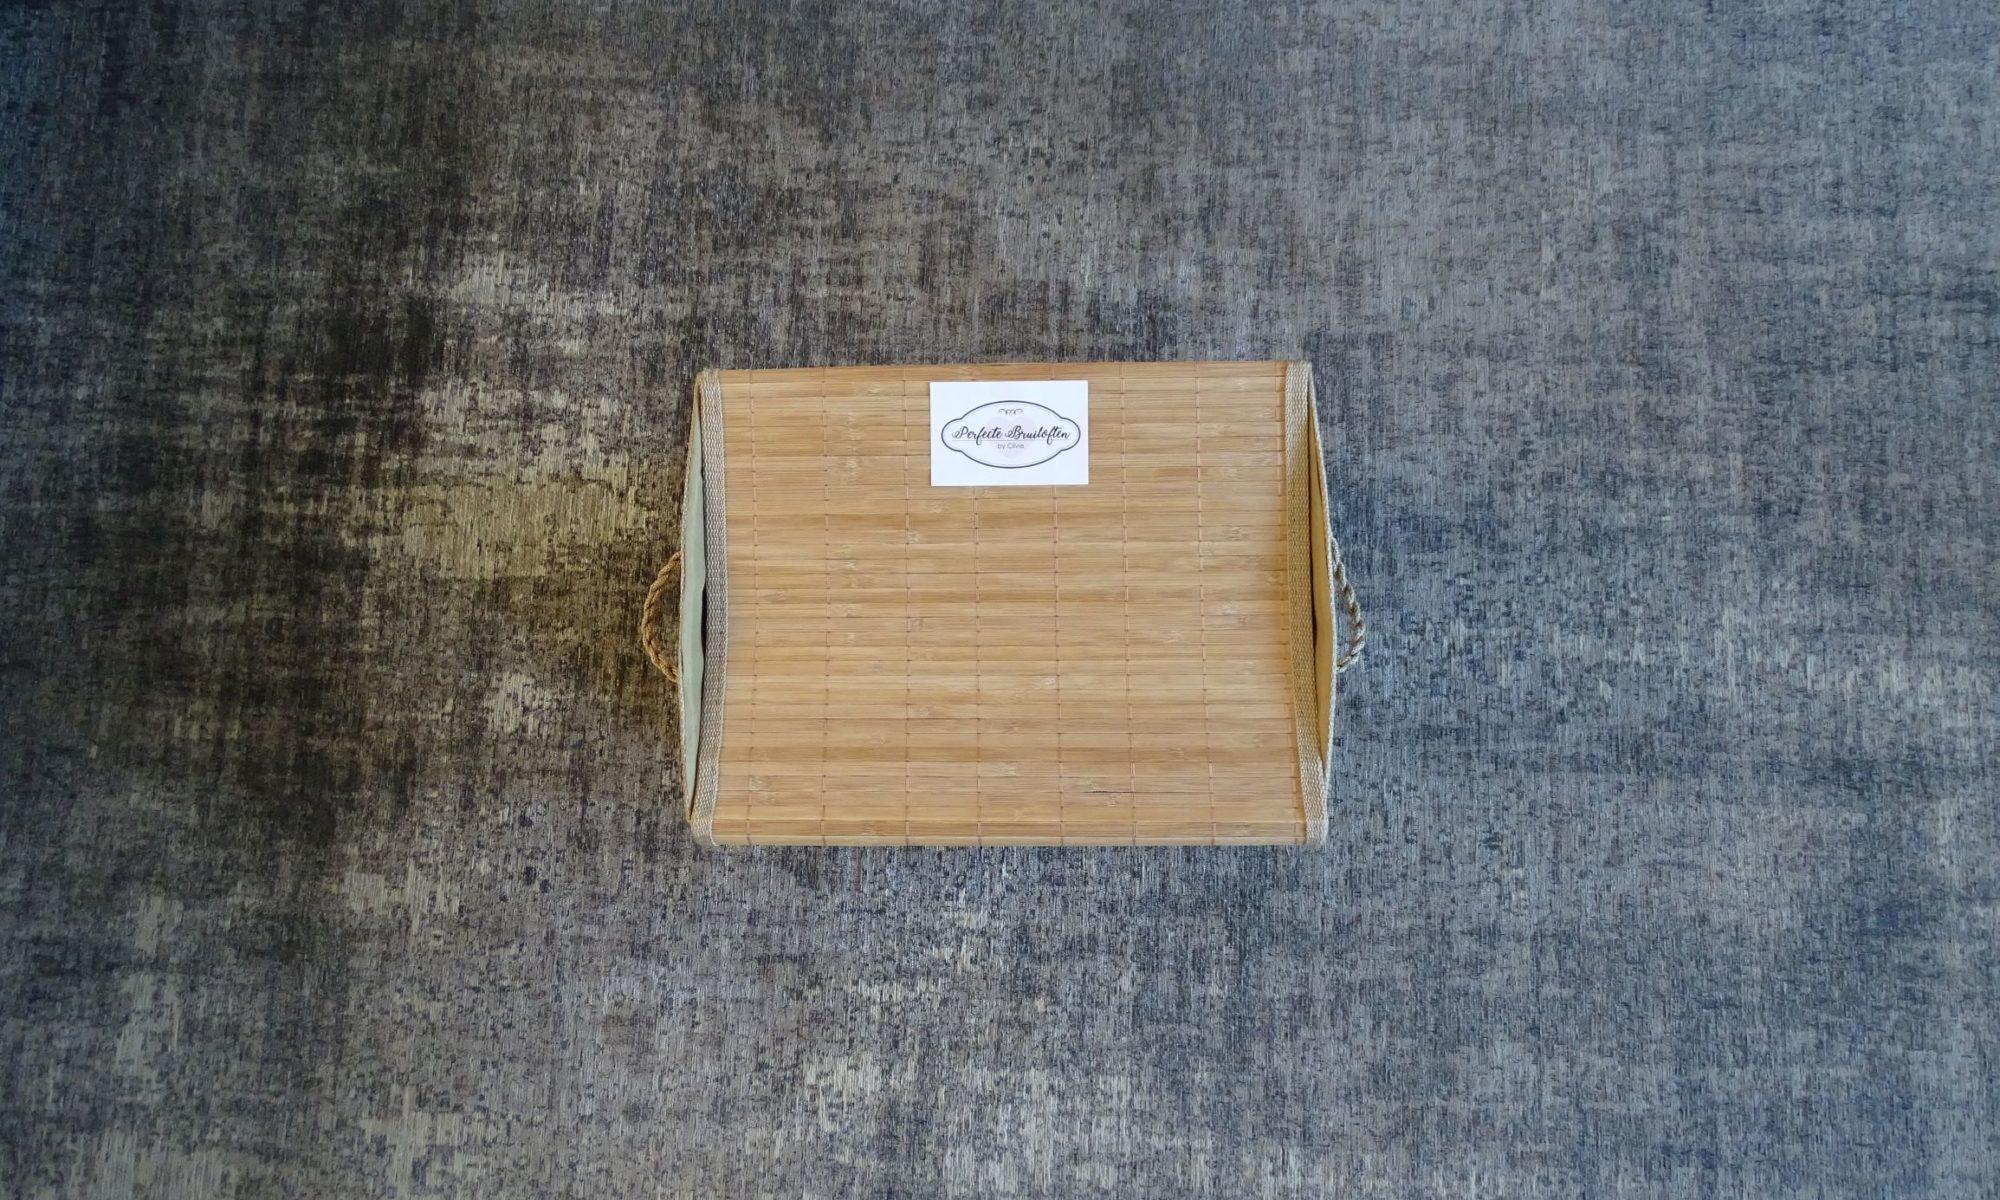 wat zit er in de bruiloft ehbo doos